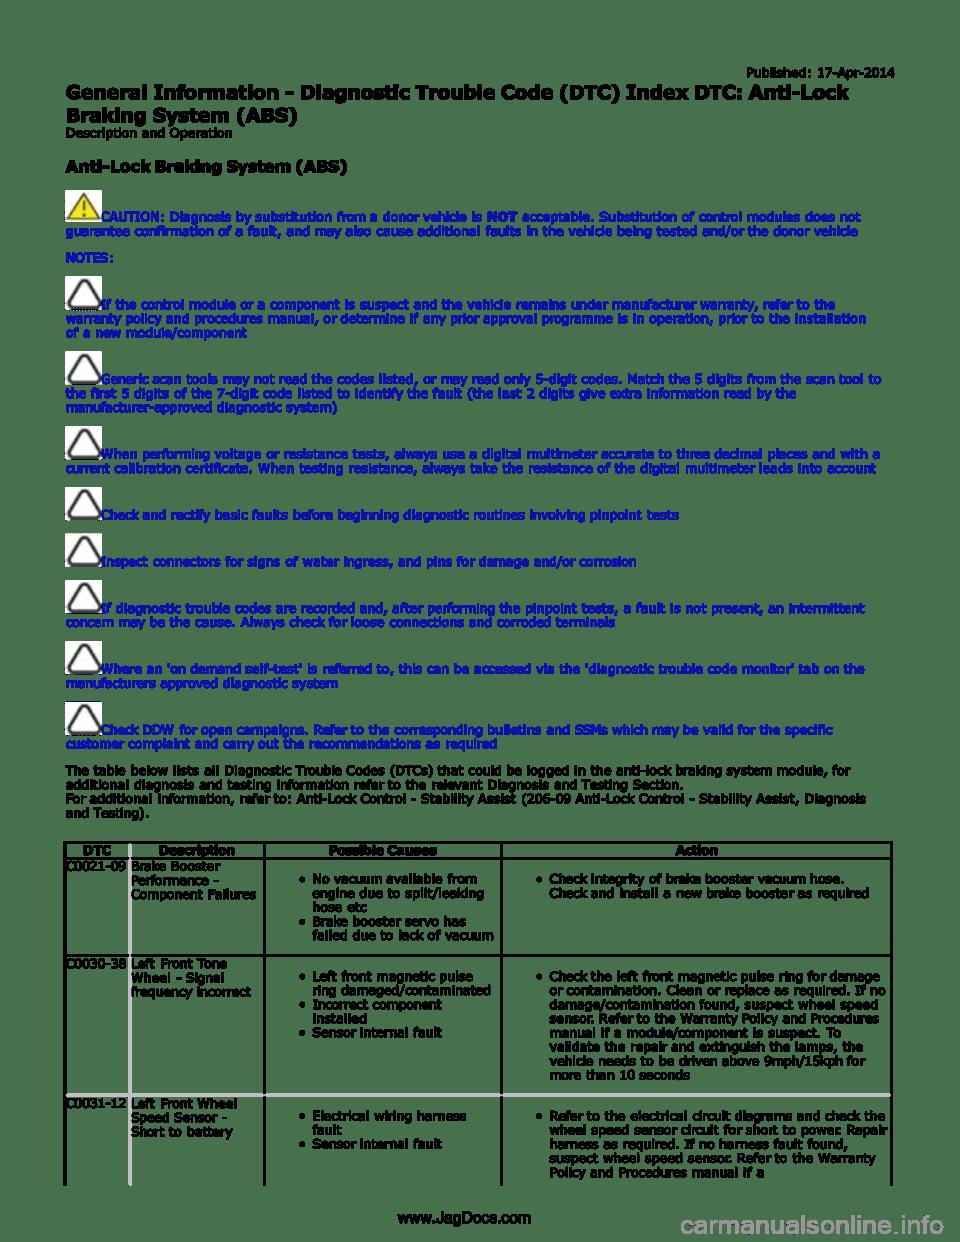 medium resolution of jaguar xfr 2010 1 g workshop manual page 120